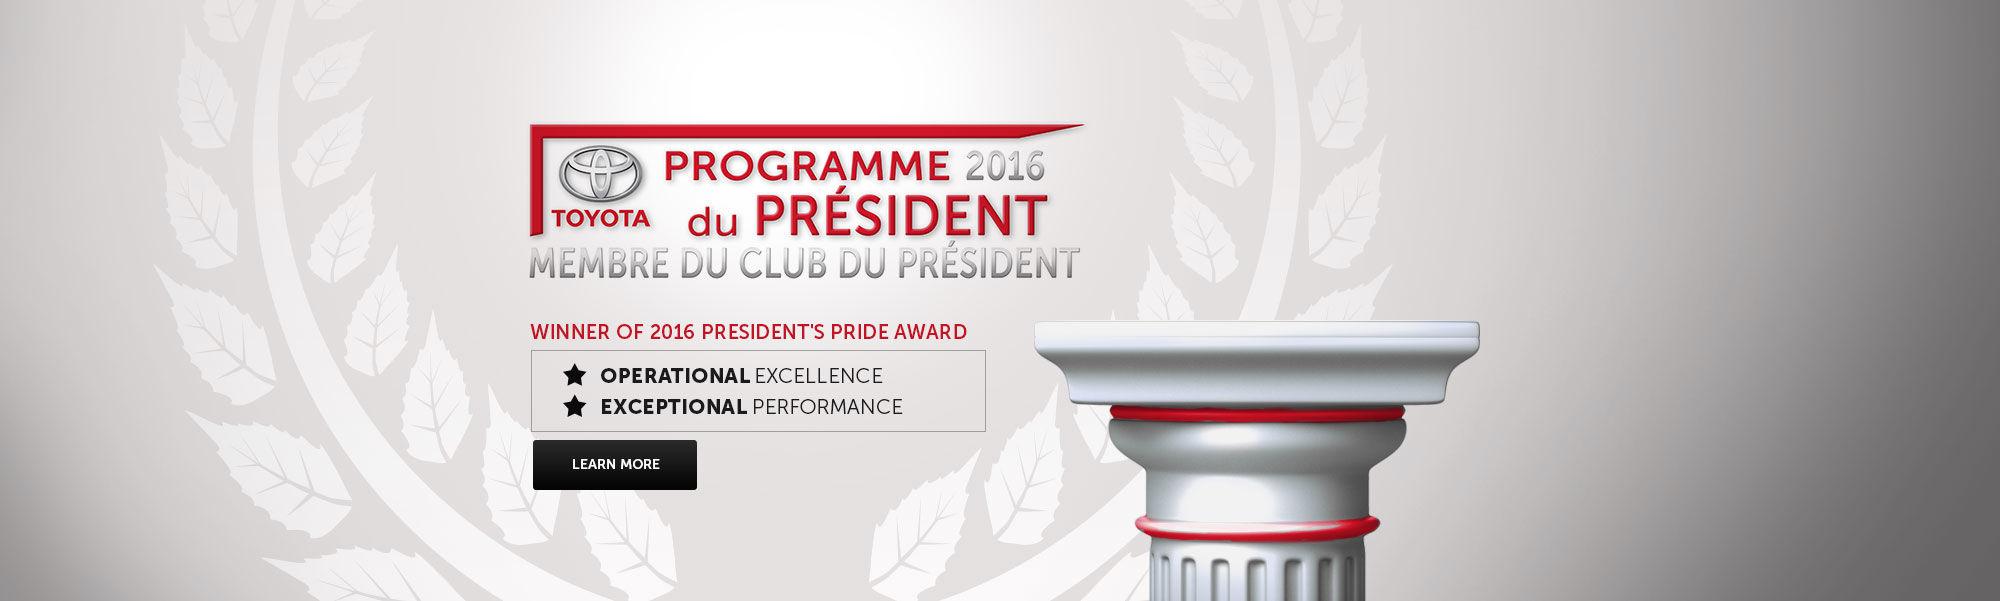 President Program